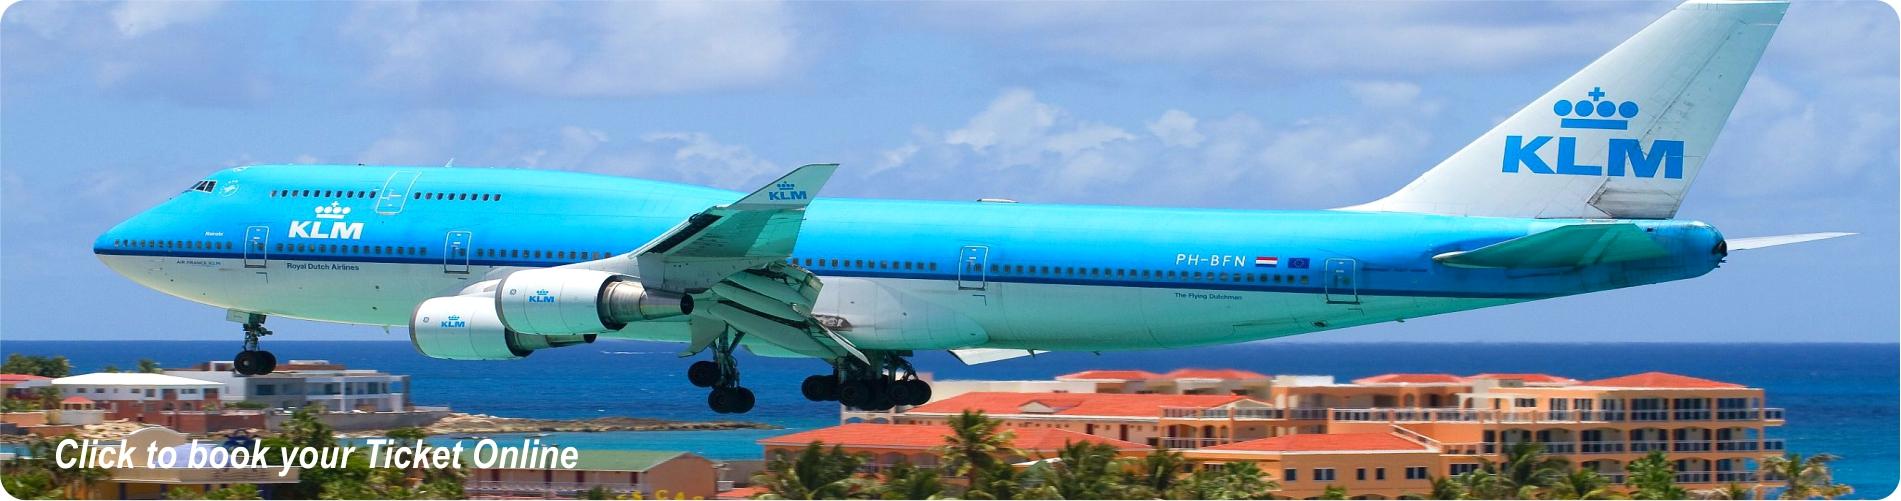 KLM-Boeing-Jumbo